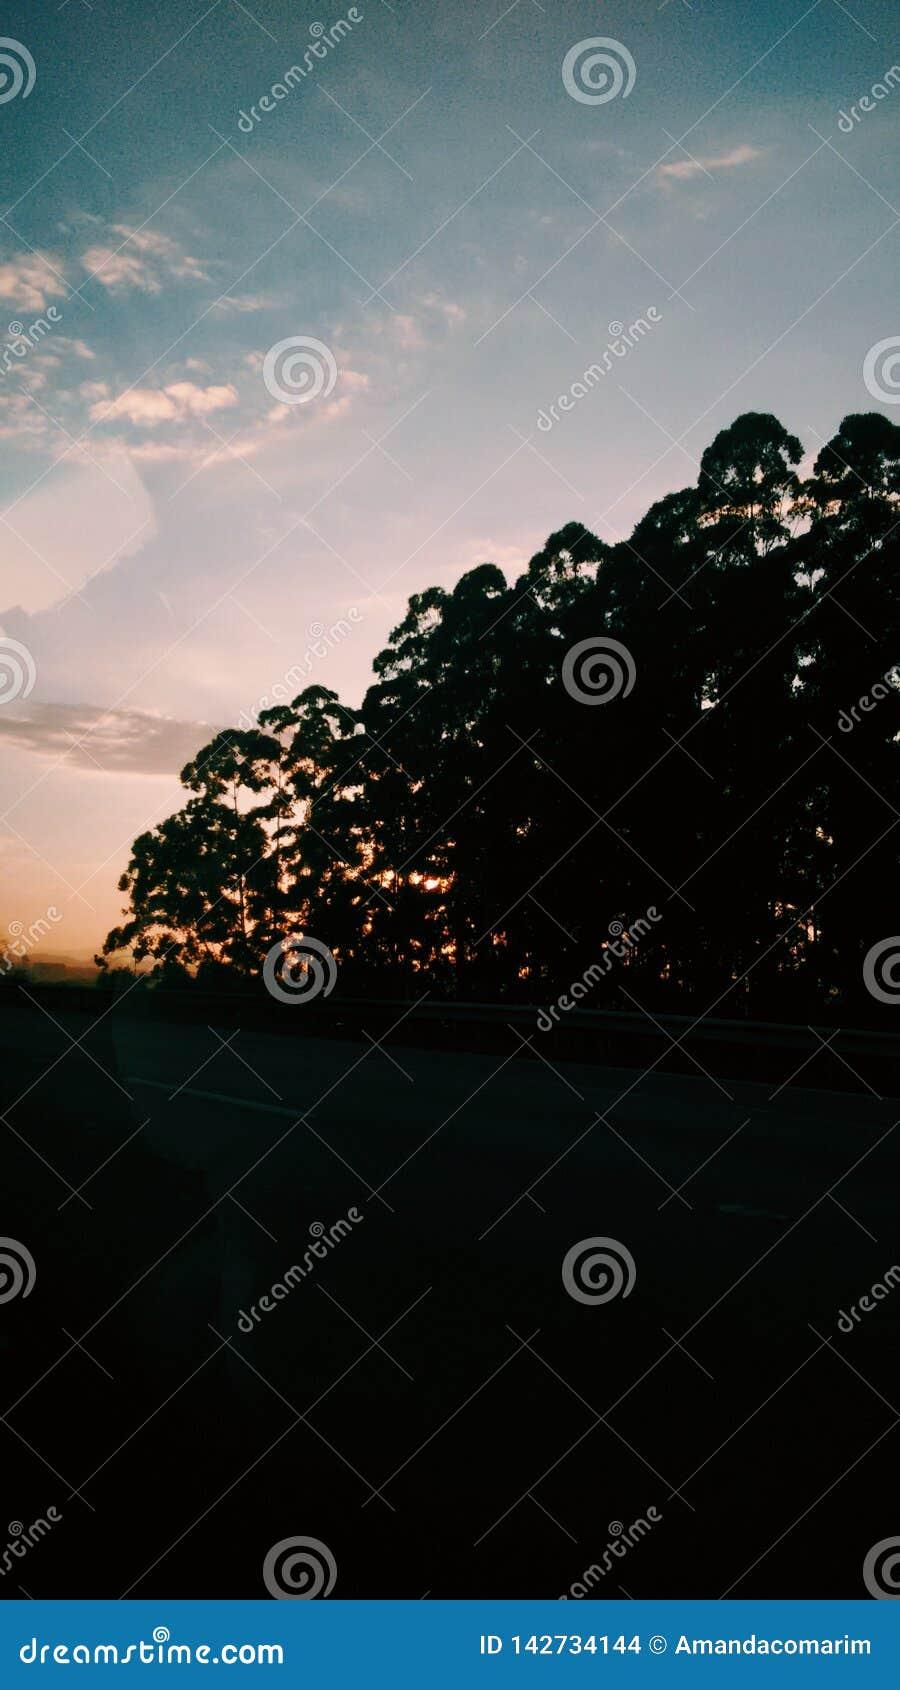 Zonsopgang achter boom op weg